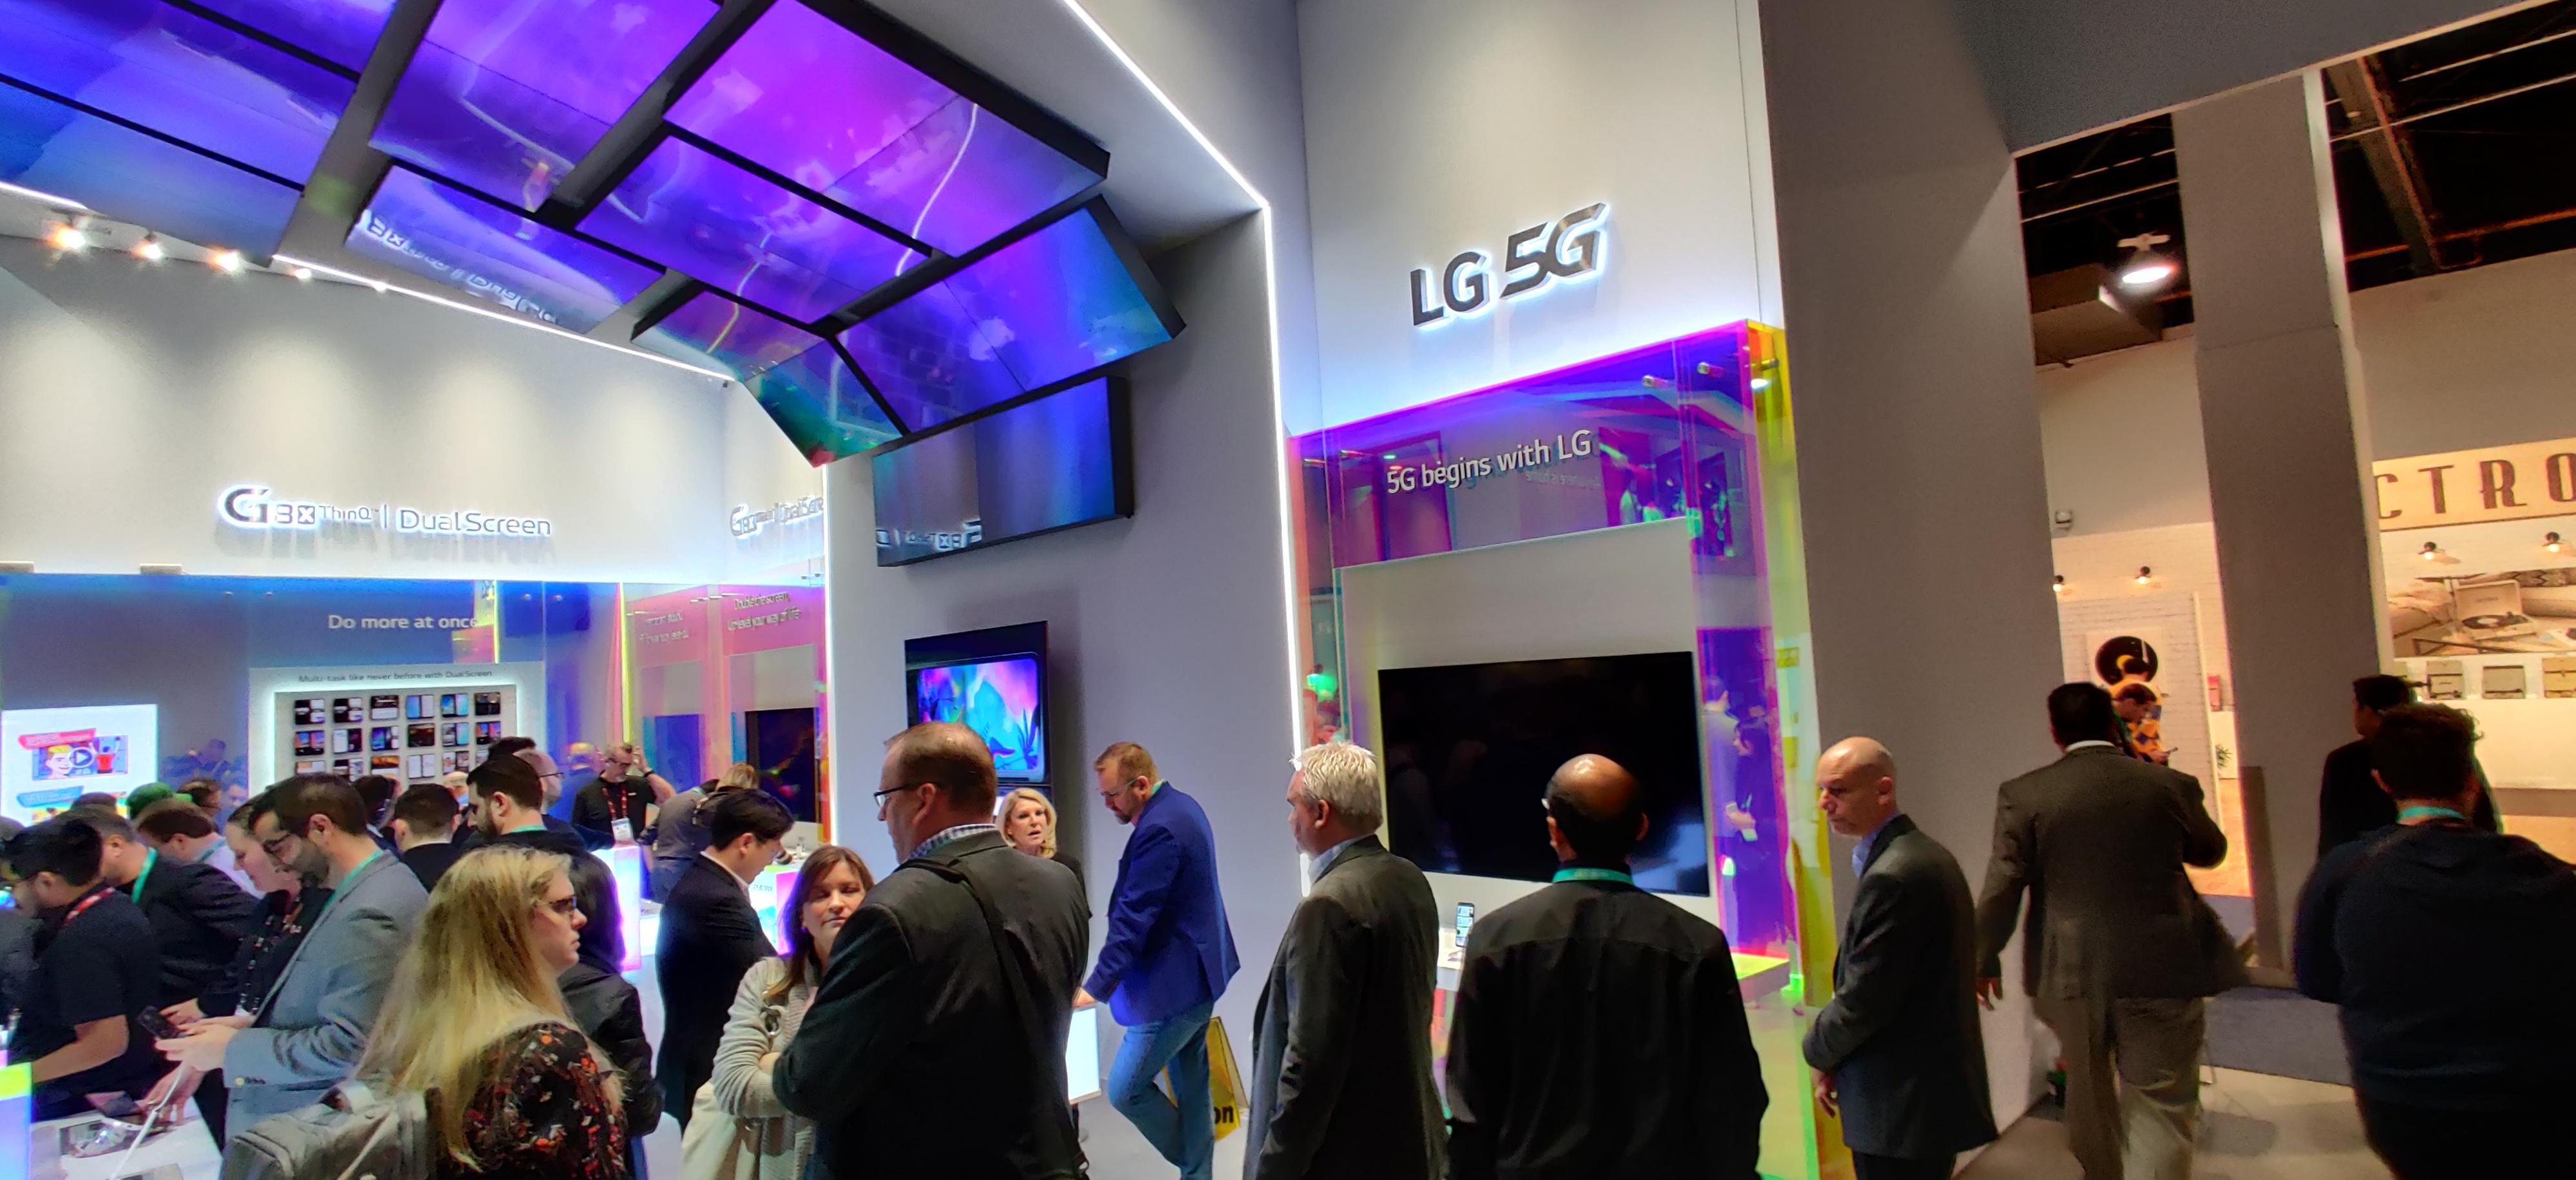 Hos LG, som hos nesten aller andre produsenter, var 5G en av de store temaene.